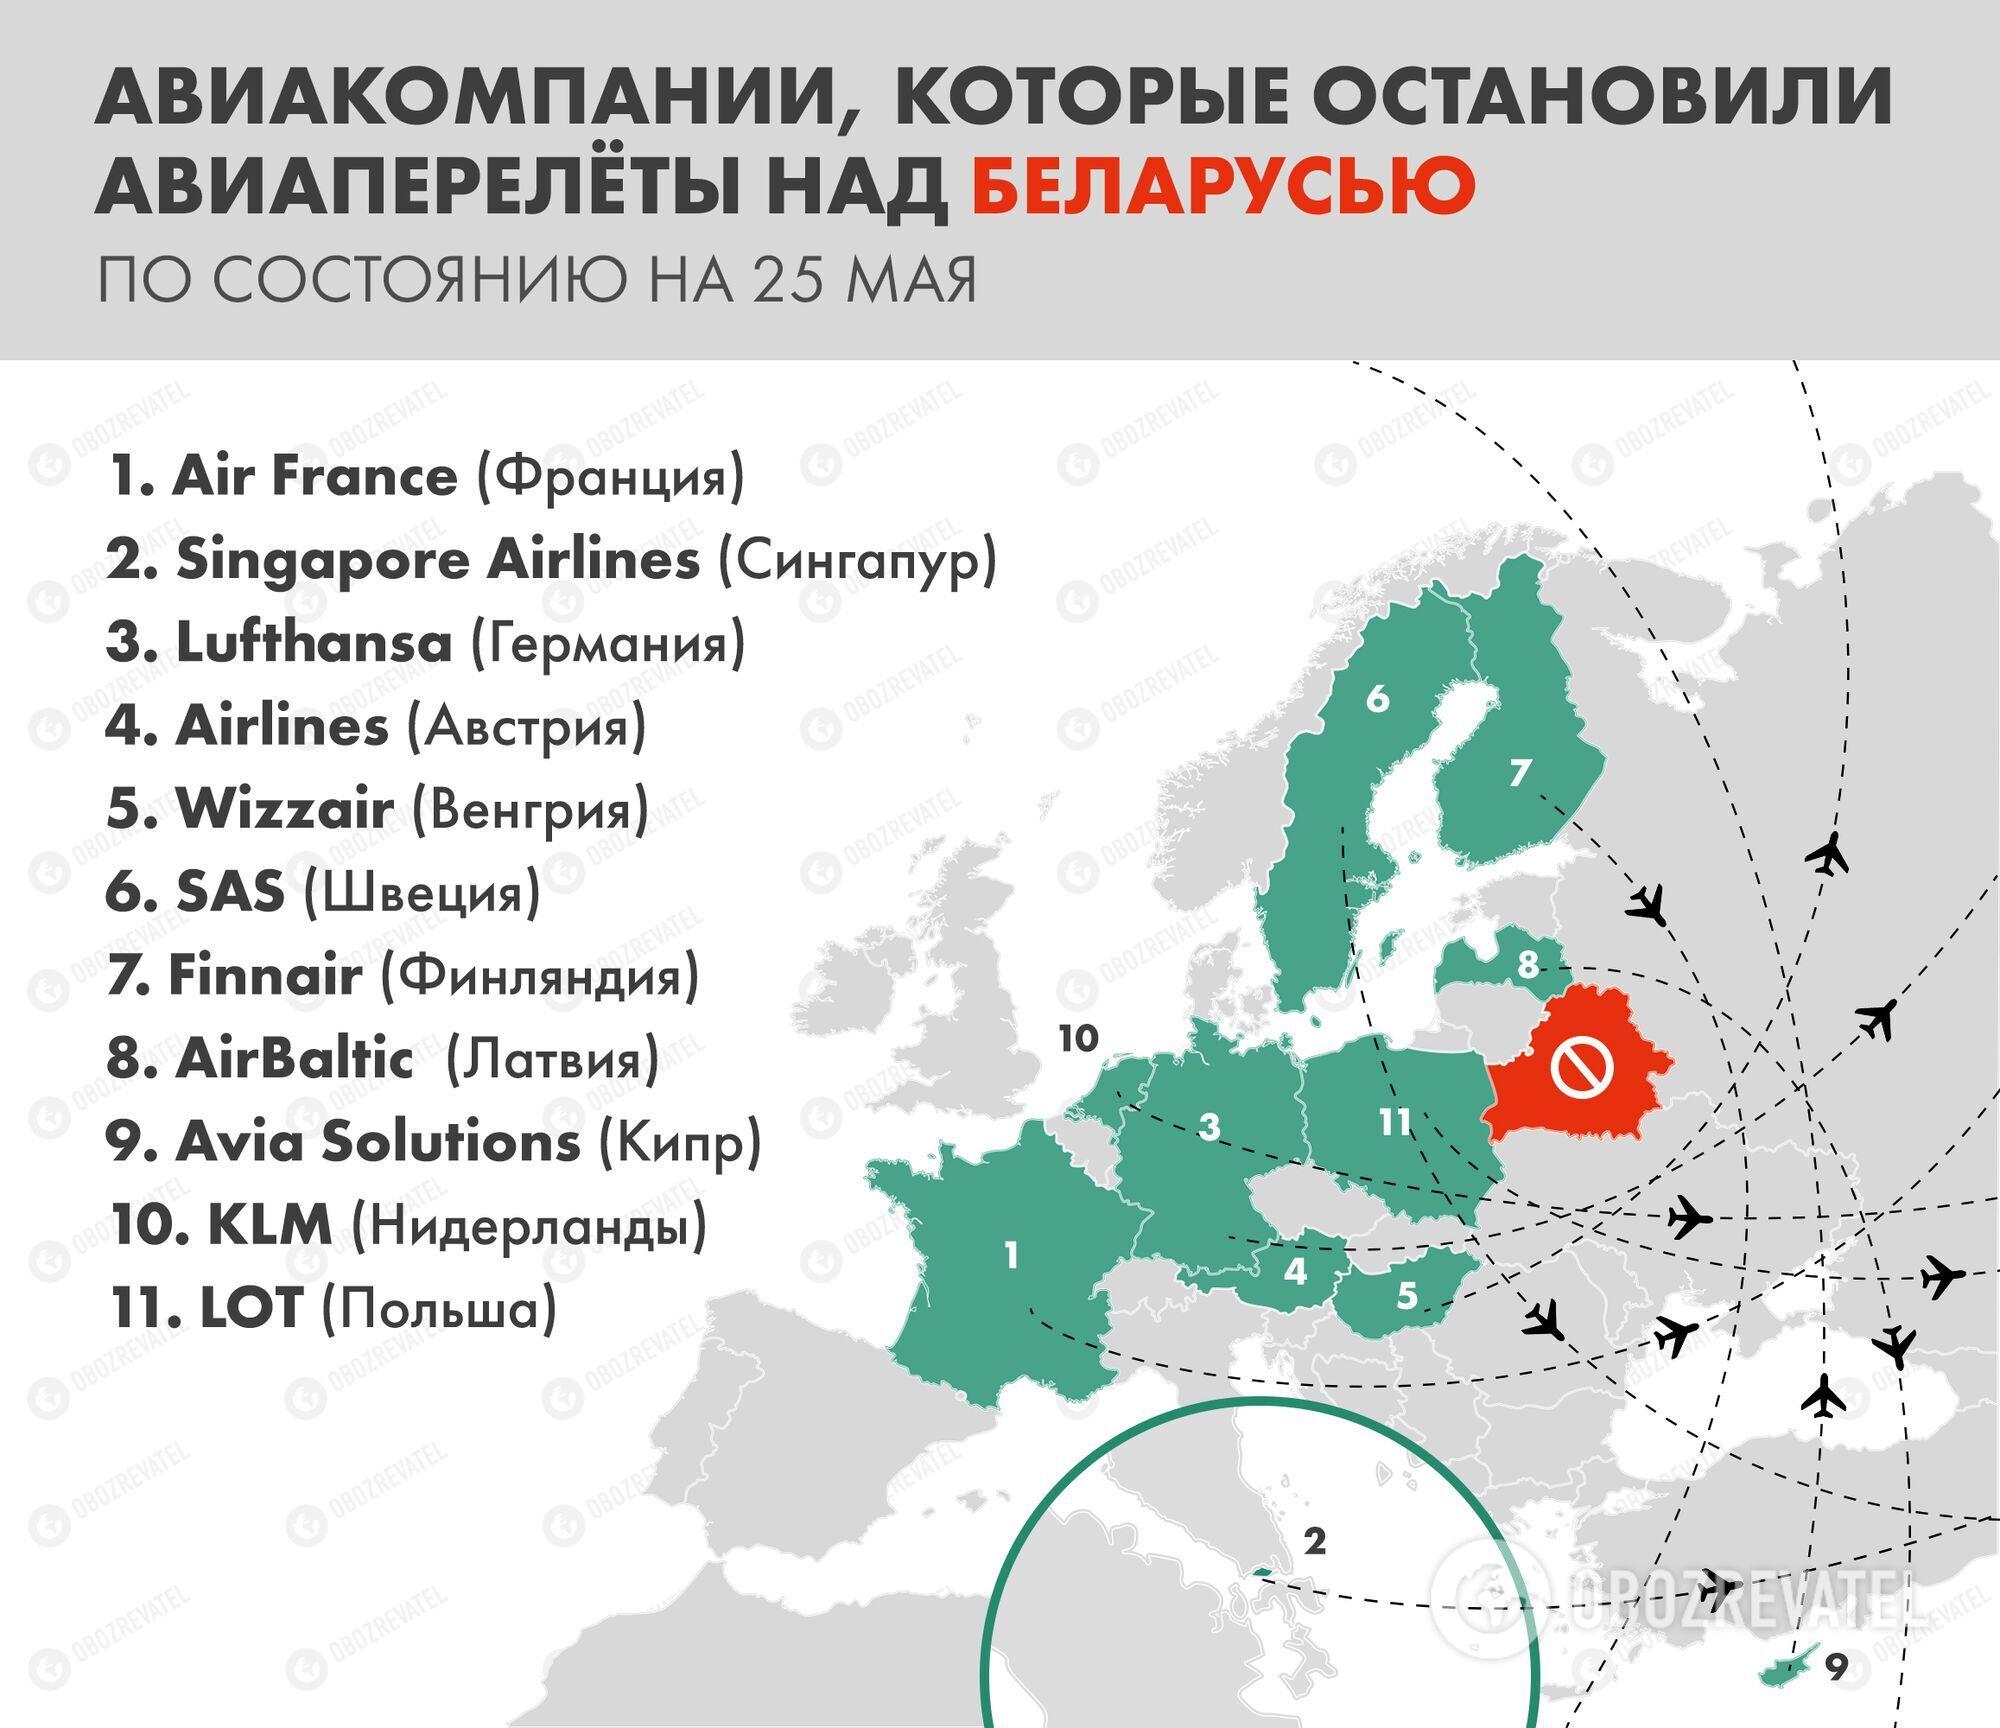 Список стран, которые остановили авиаперелеты.